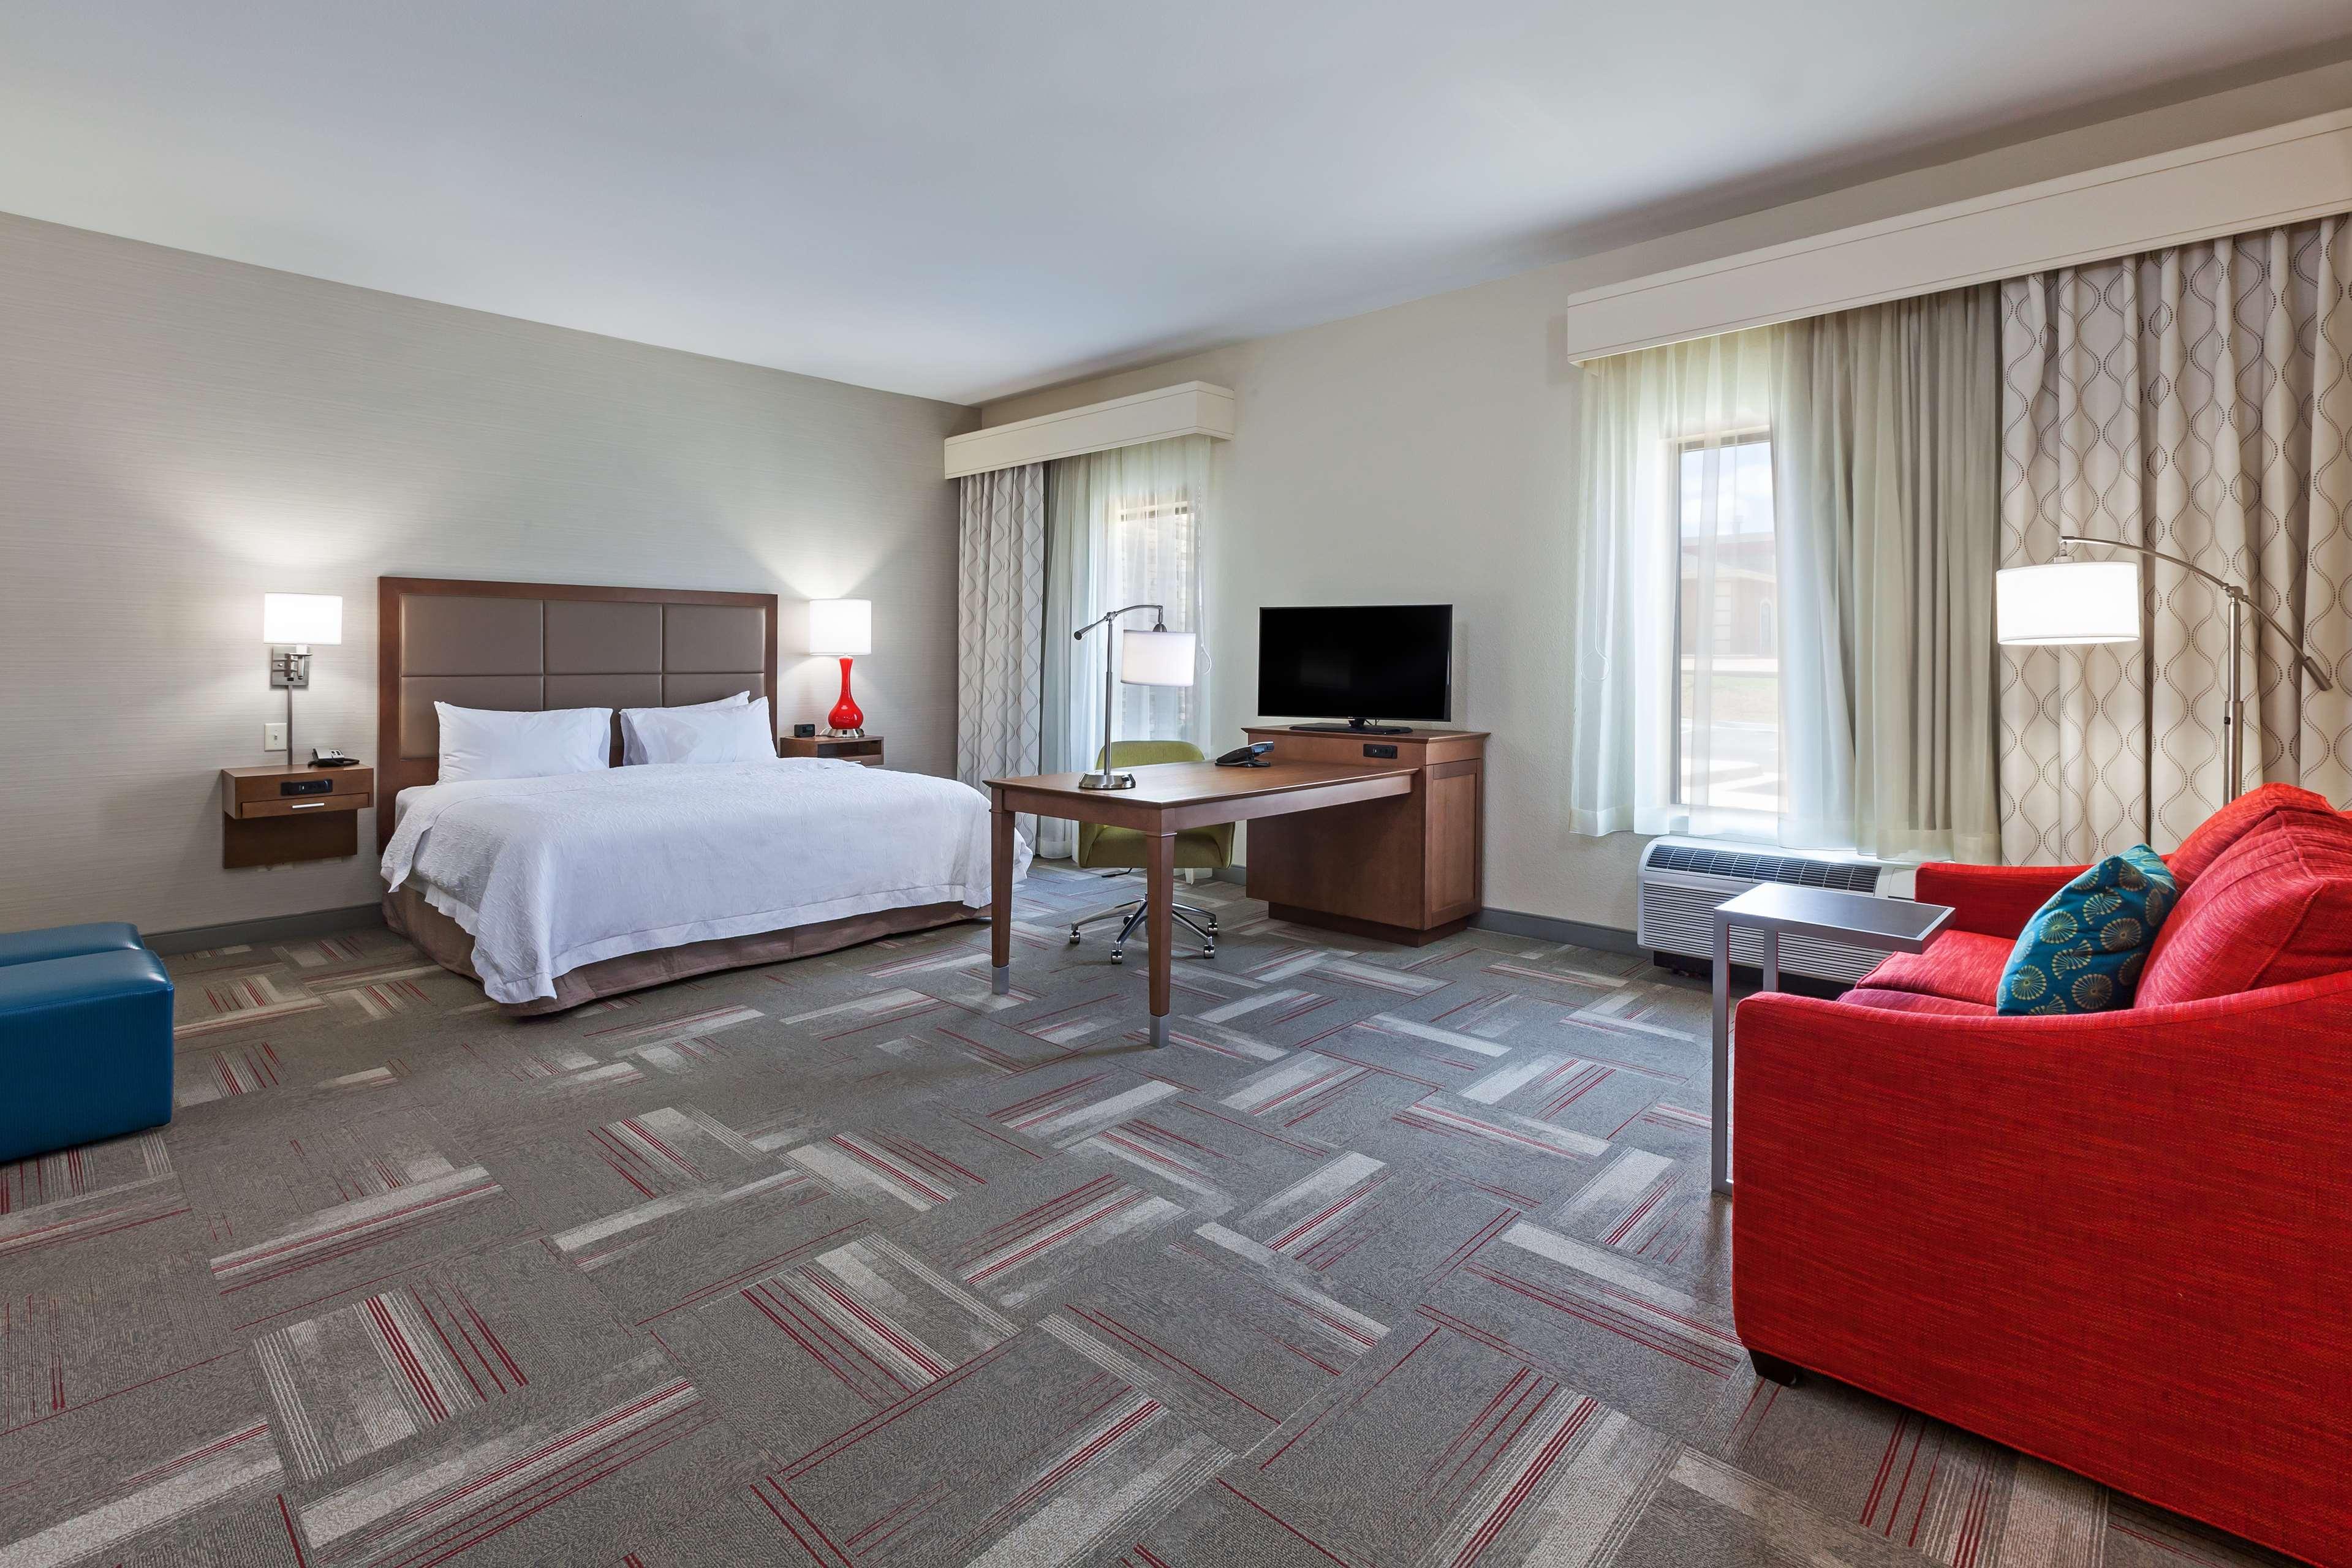 Hampton Inn & Suites Claremore image 20